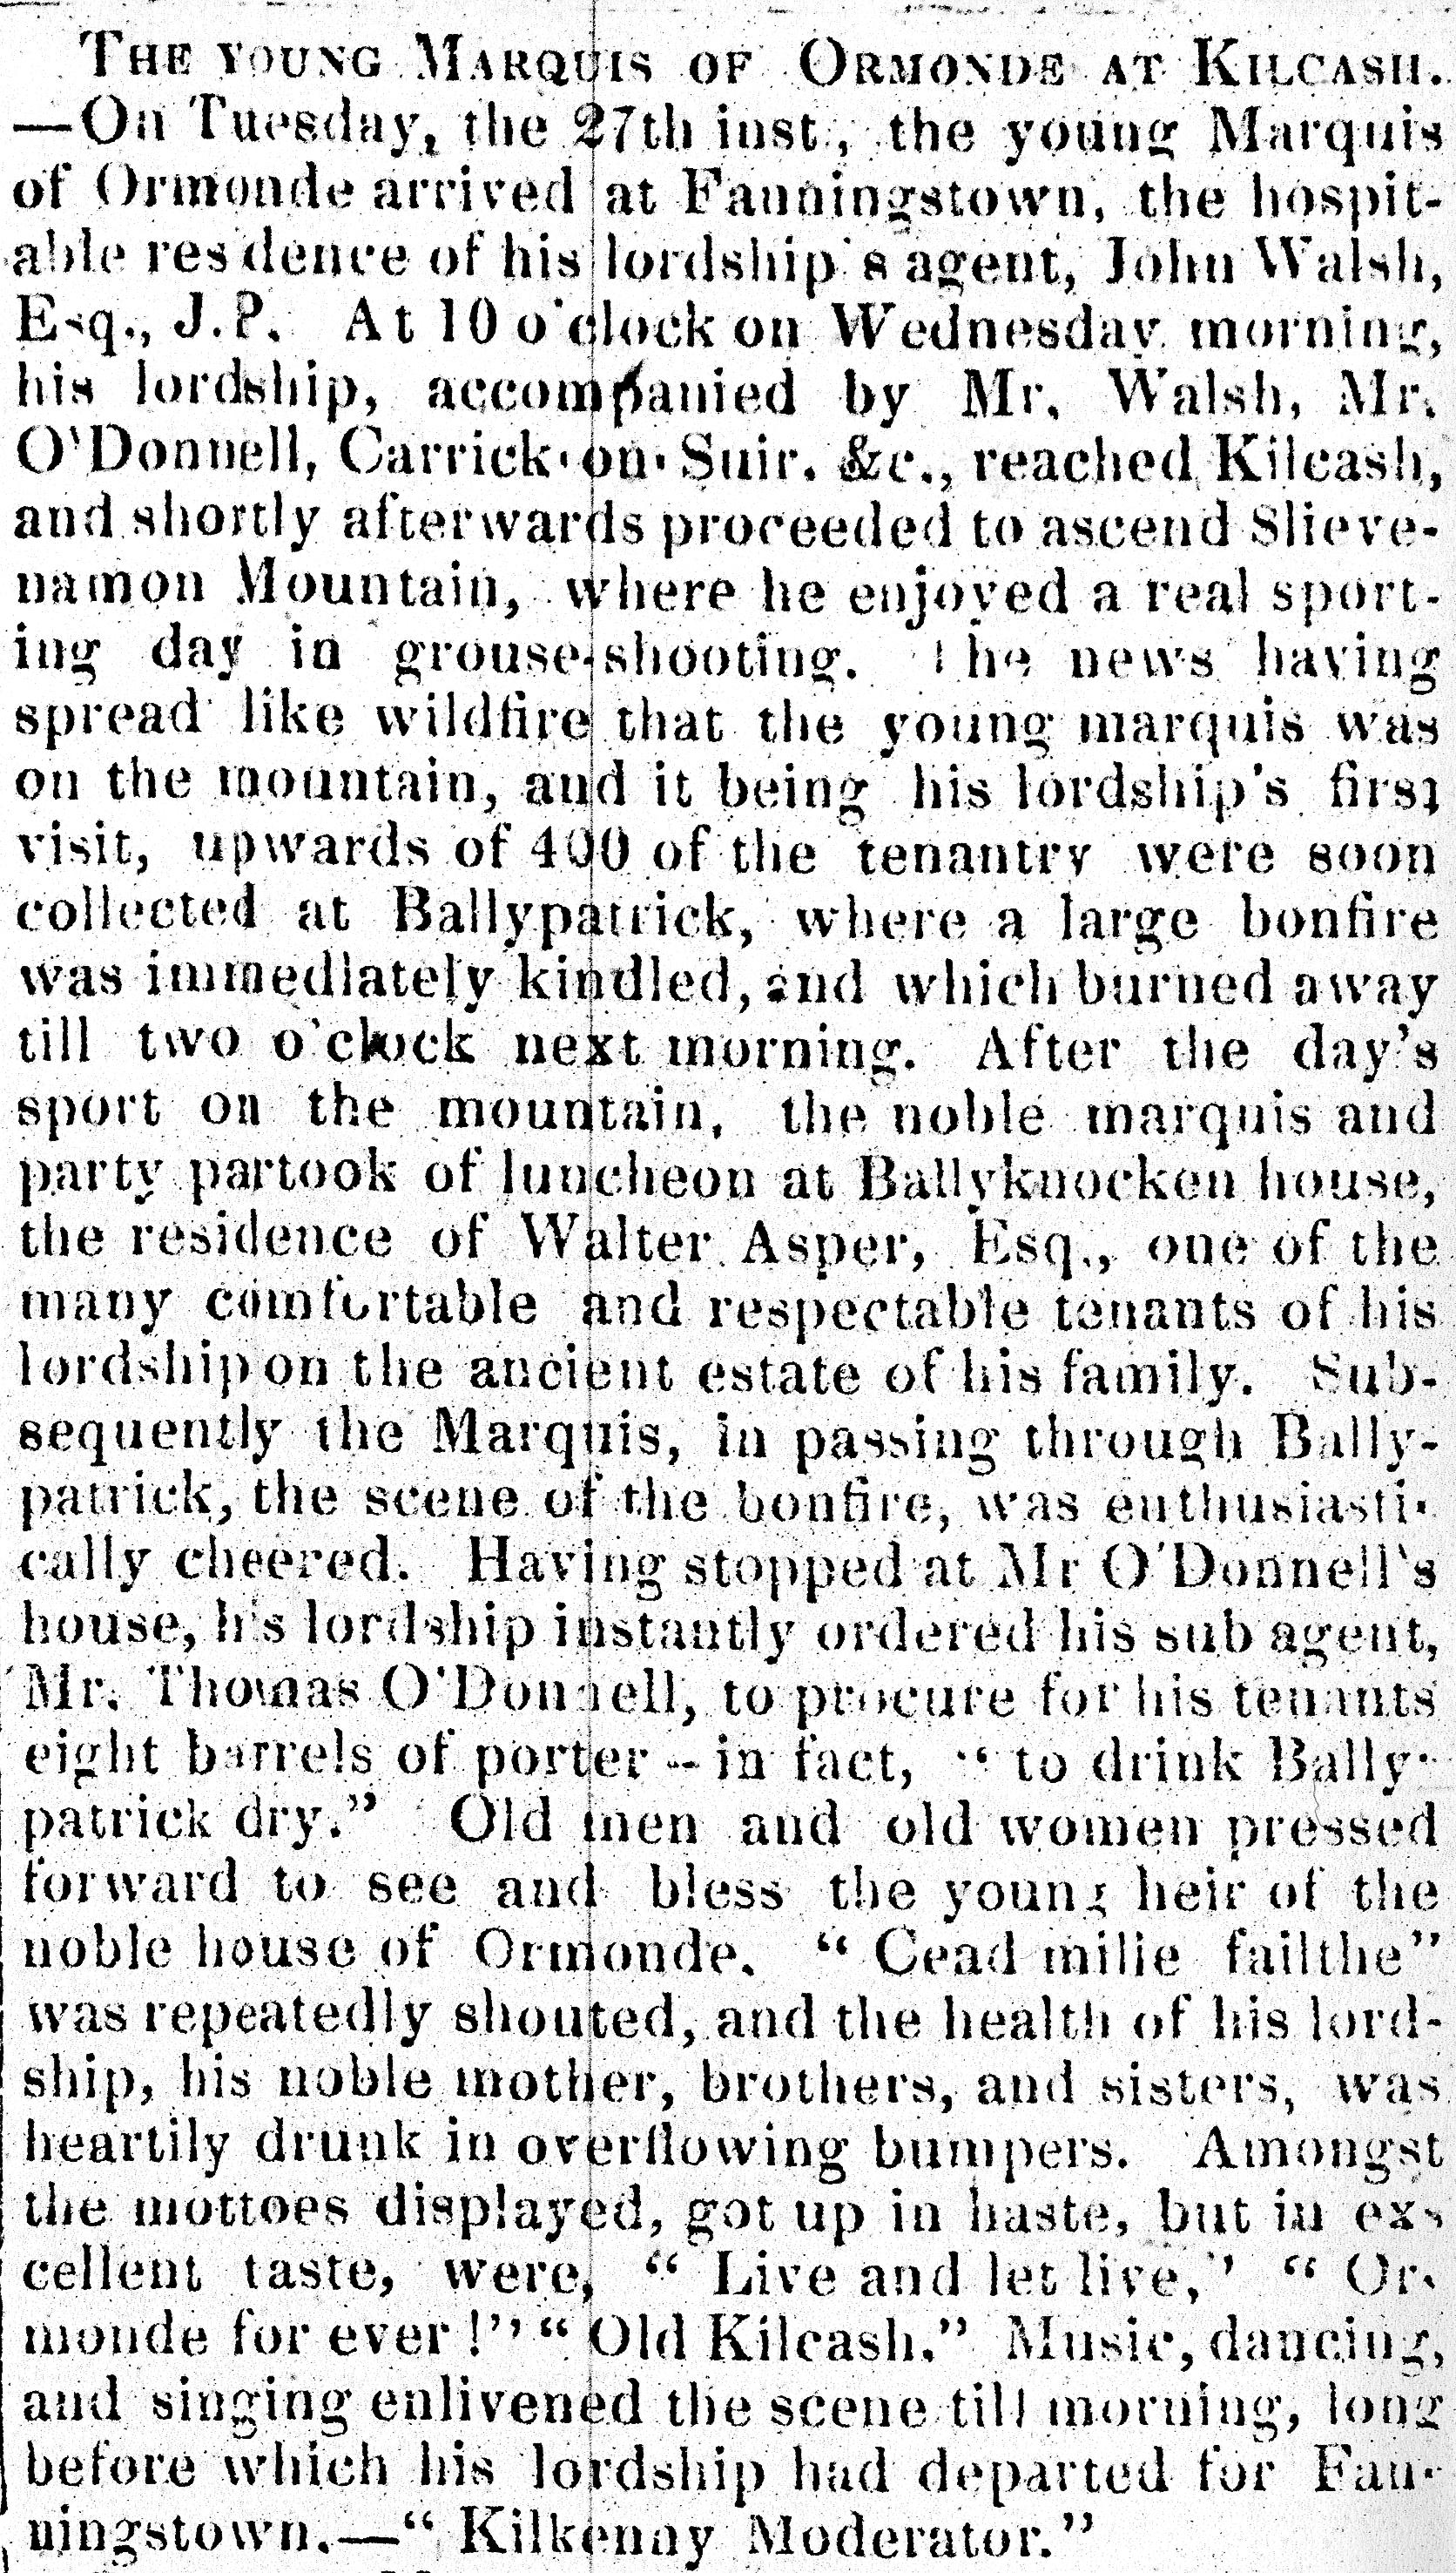 Nenagh Guardian 4 sept 1861